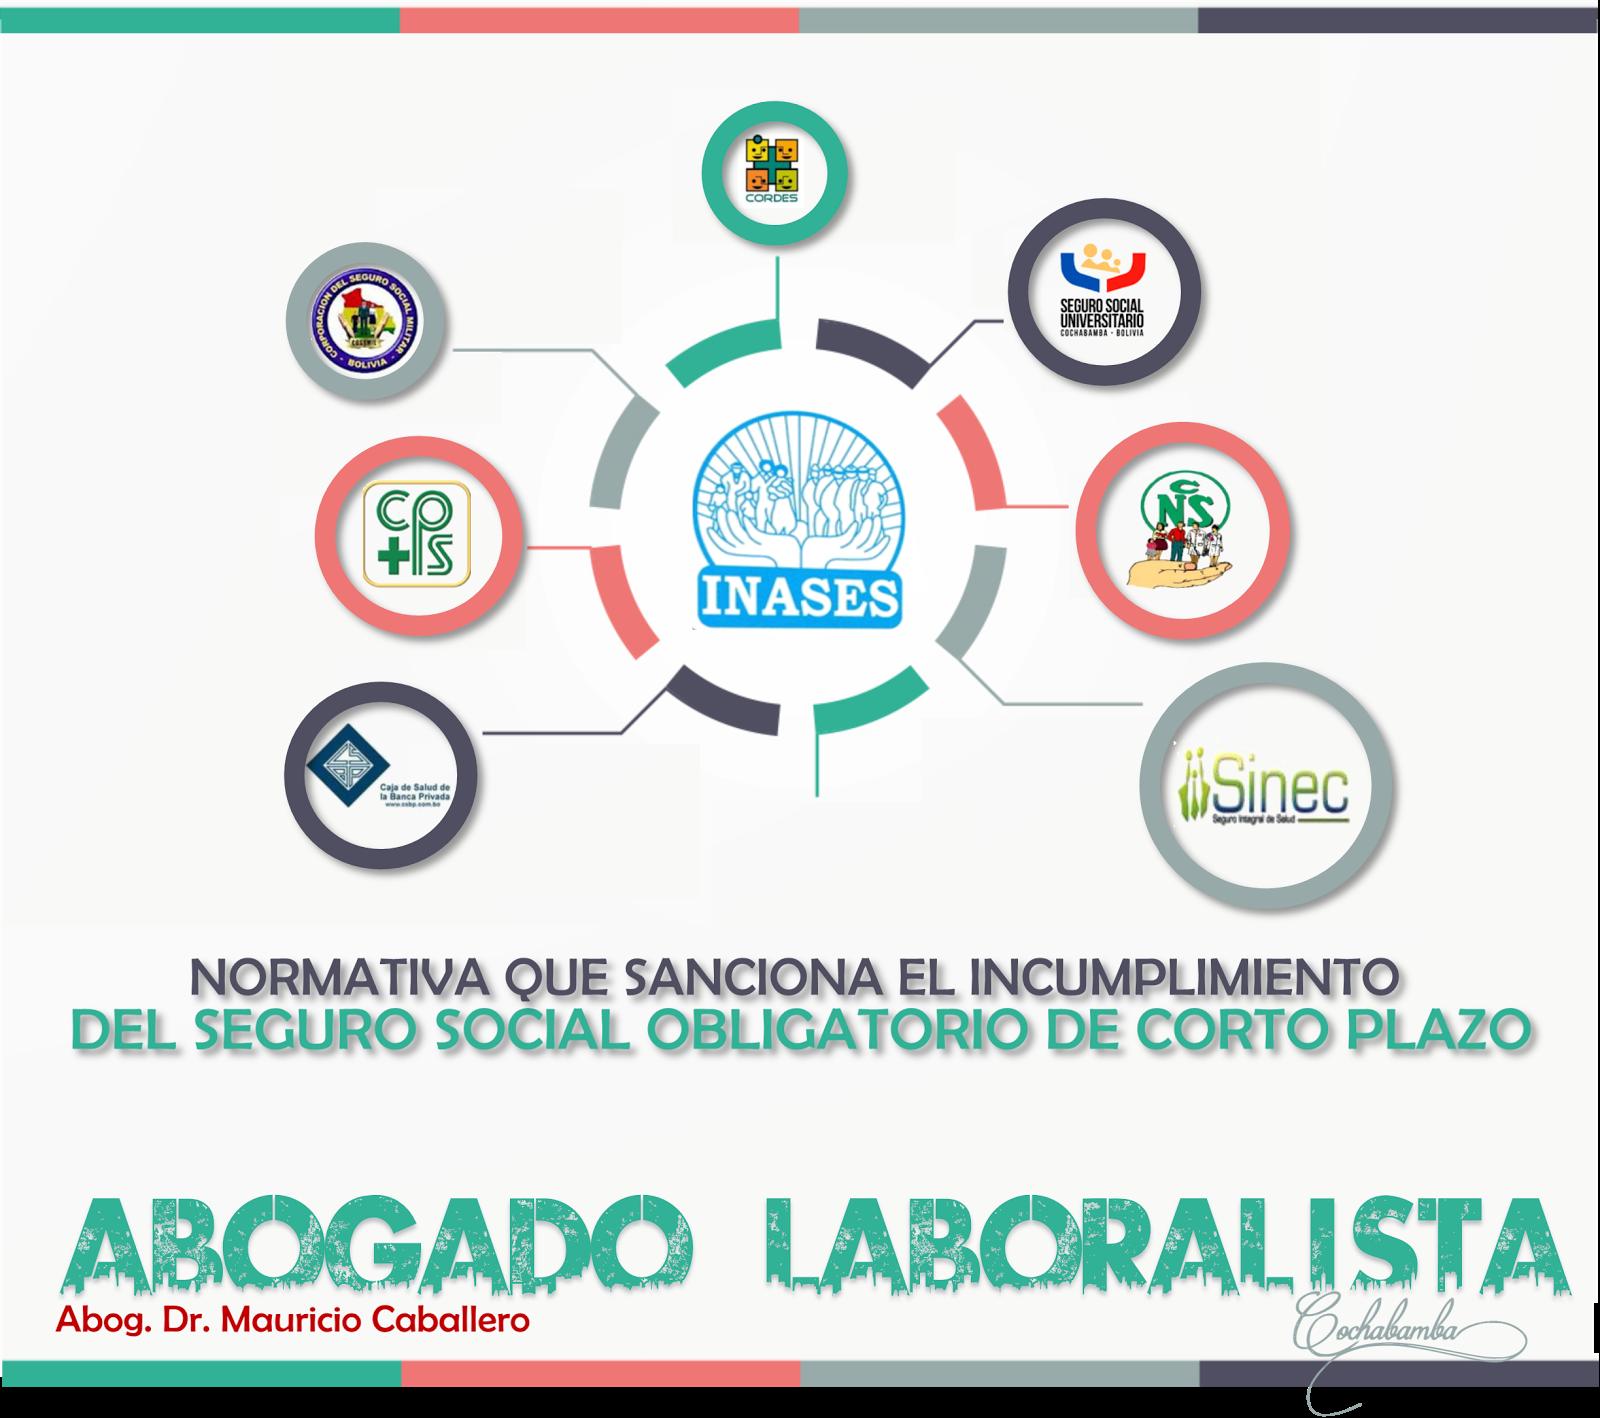 NORMAS QUE SANCIONAN EL INCUMPLIMIENTO DEL SEGURO SOCIAL DE CORTO PLAZO 2019